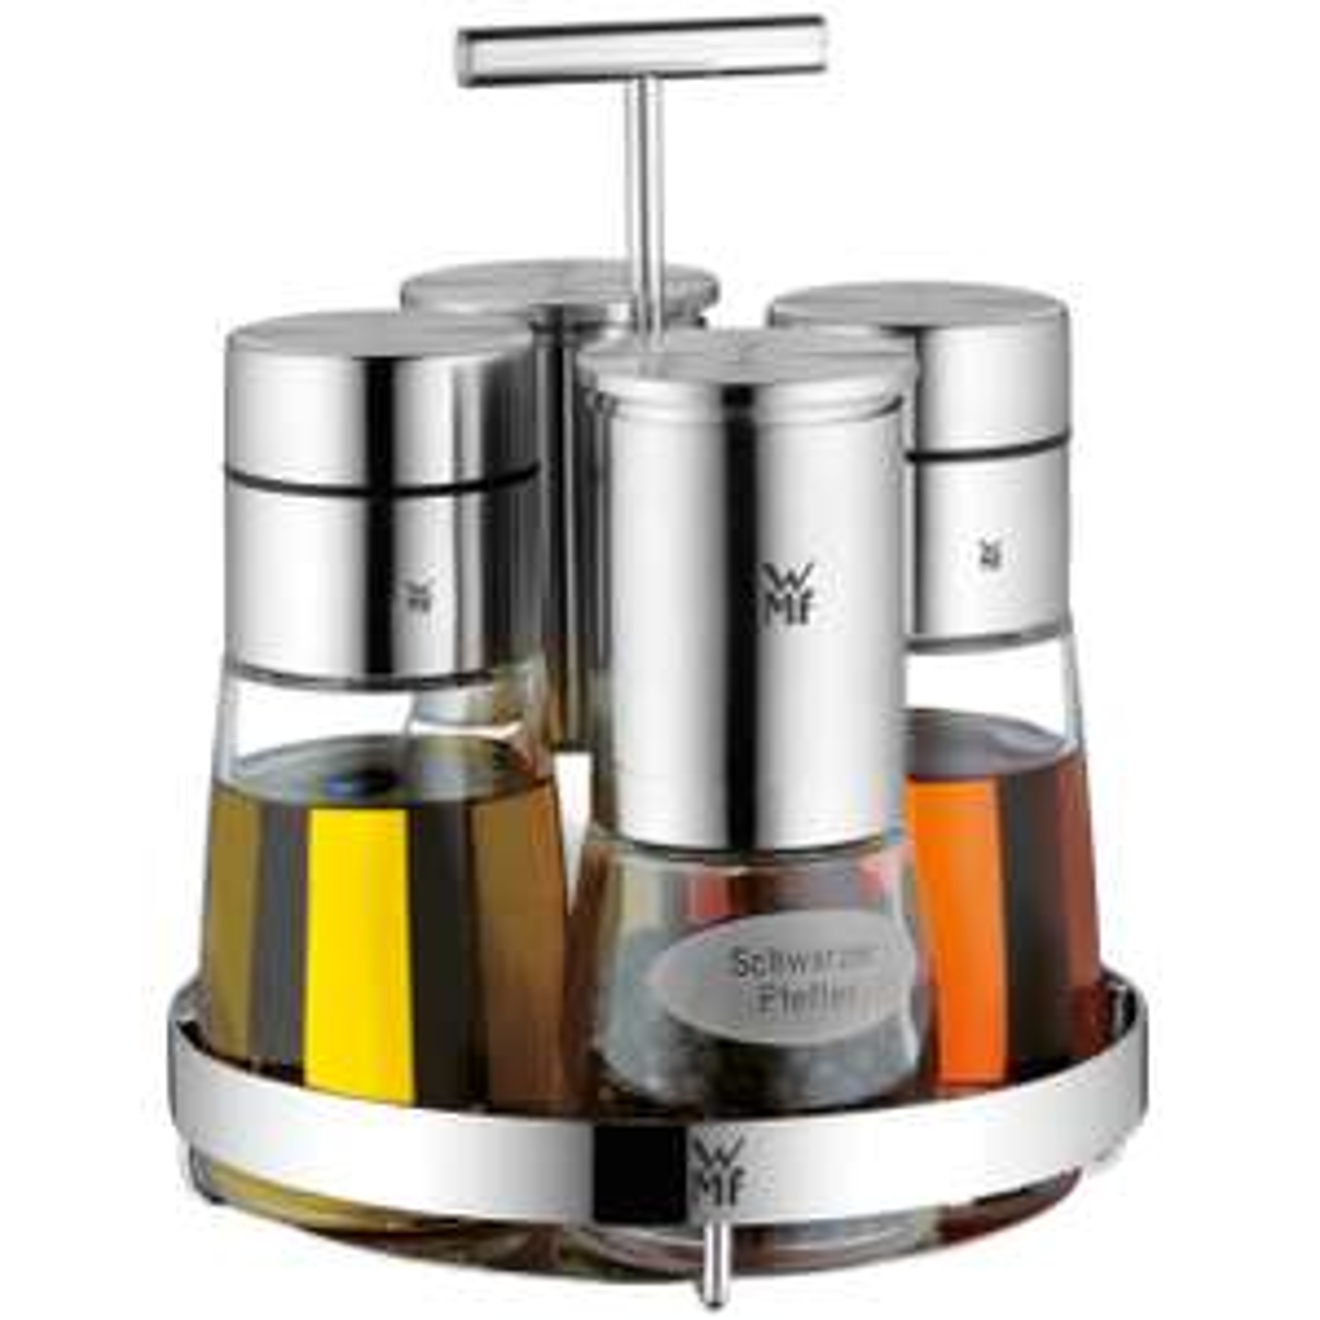 WMF De Luxe Menage-Set 5-teilig, für Salz, Pfeffer, Essig, Öl